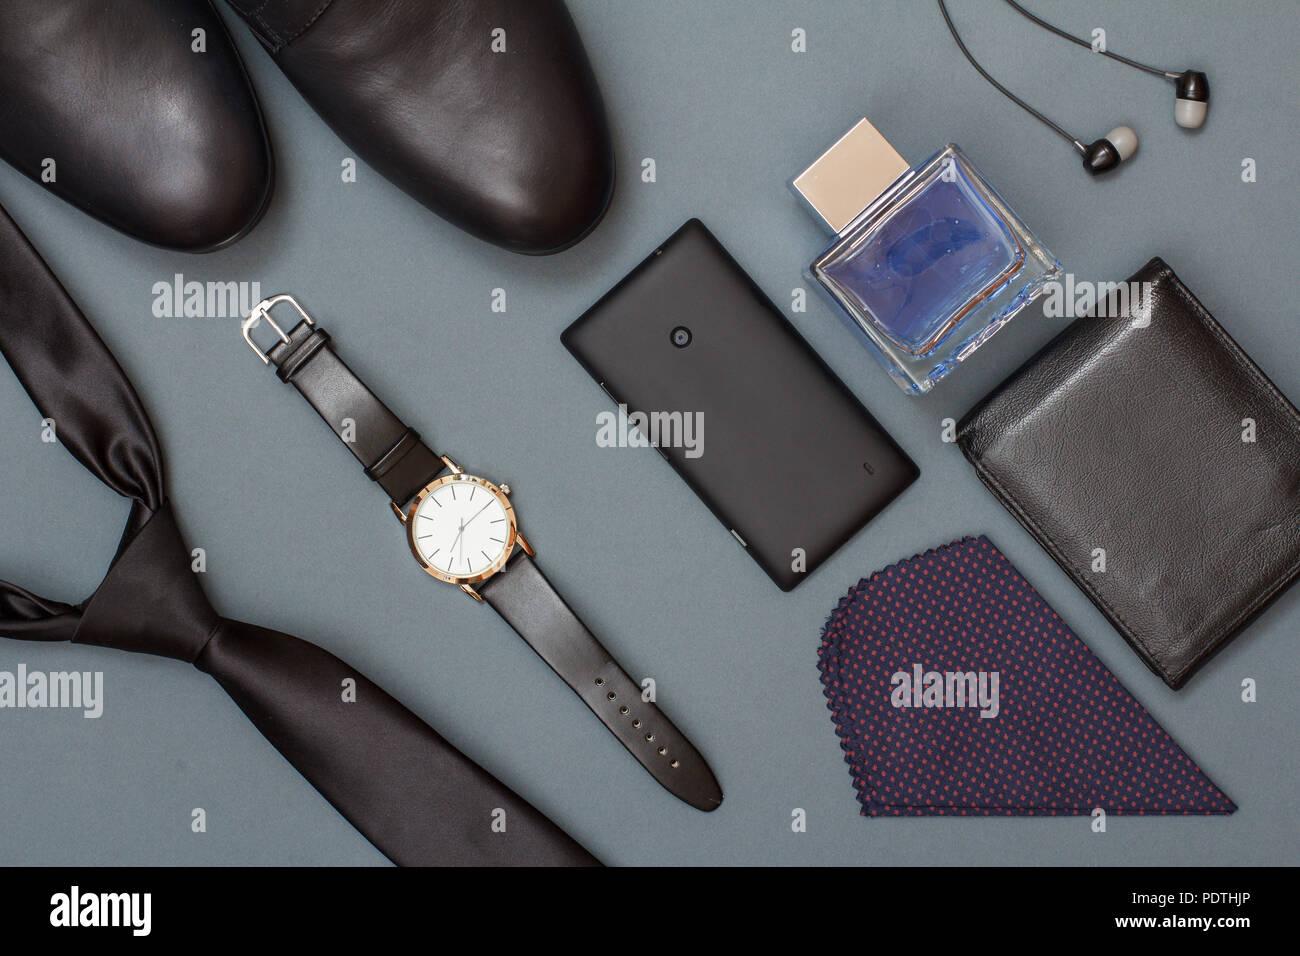 775bd5c856dd8 schwarze-krawatte-schuhe-fur-herren-uhr-mit -lederarmband-mobiltelefon-taschentuch-leder -geldborse-koln-fur-manner-und-kopfhorer-auf-grauem-hintergrund-ac- ...